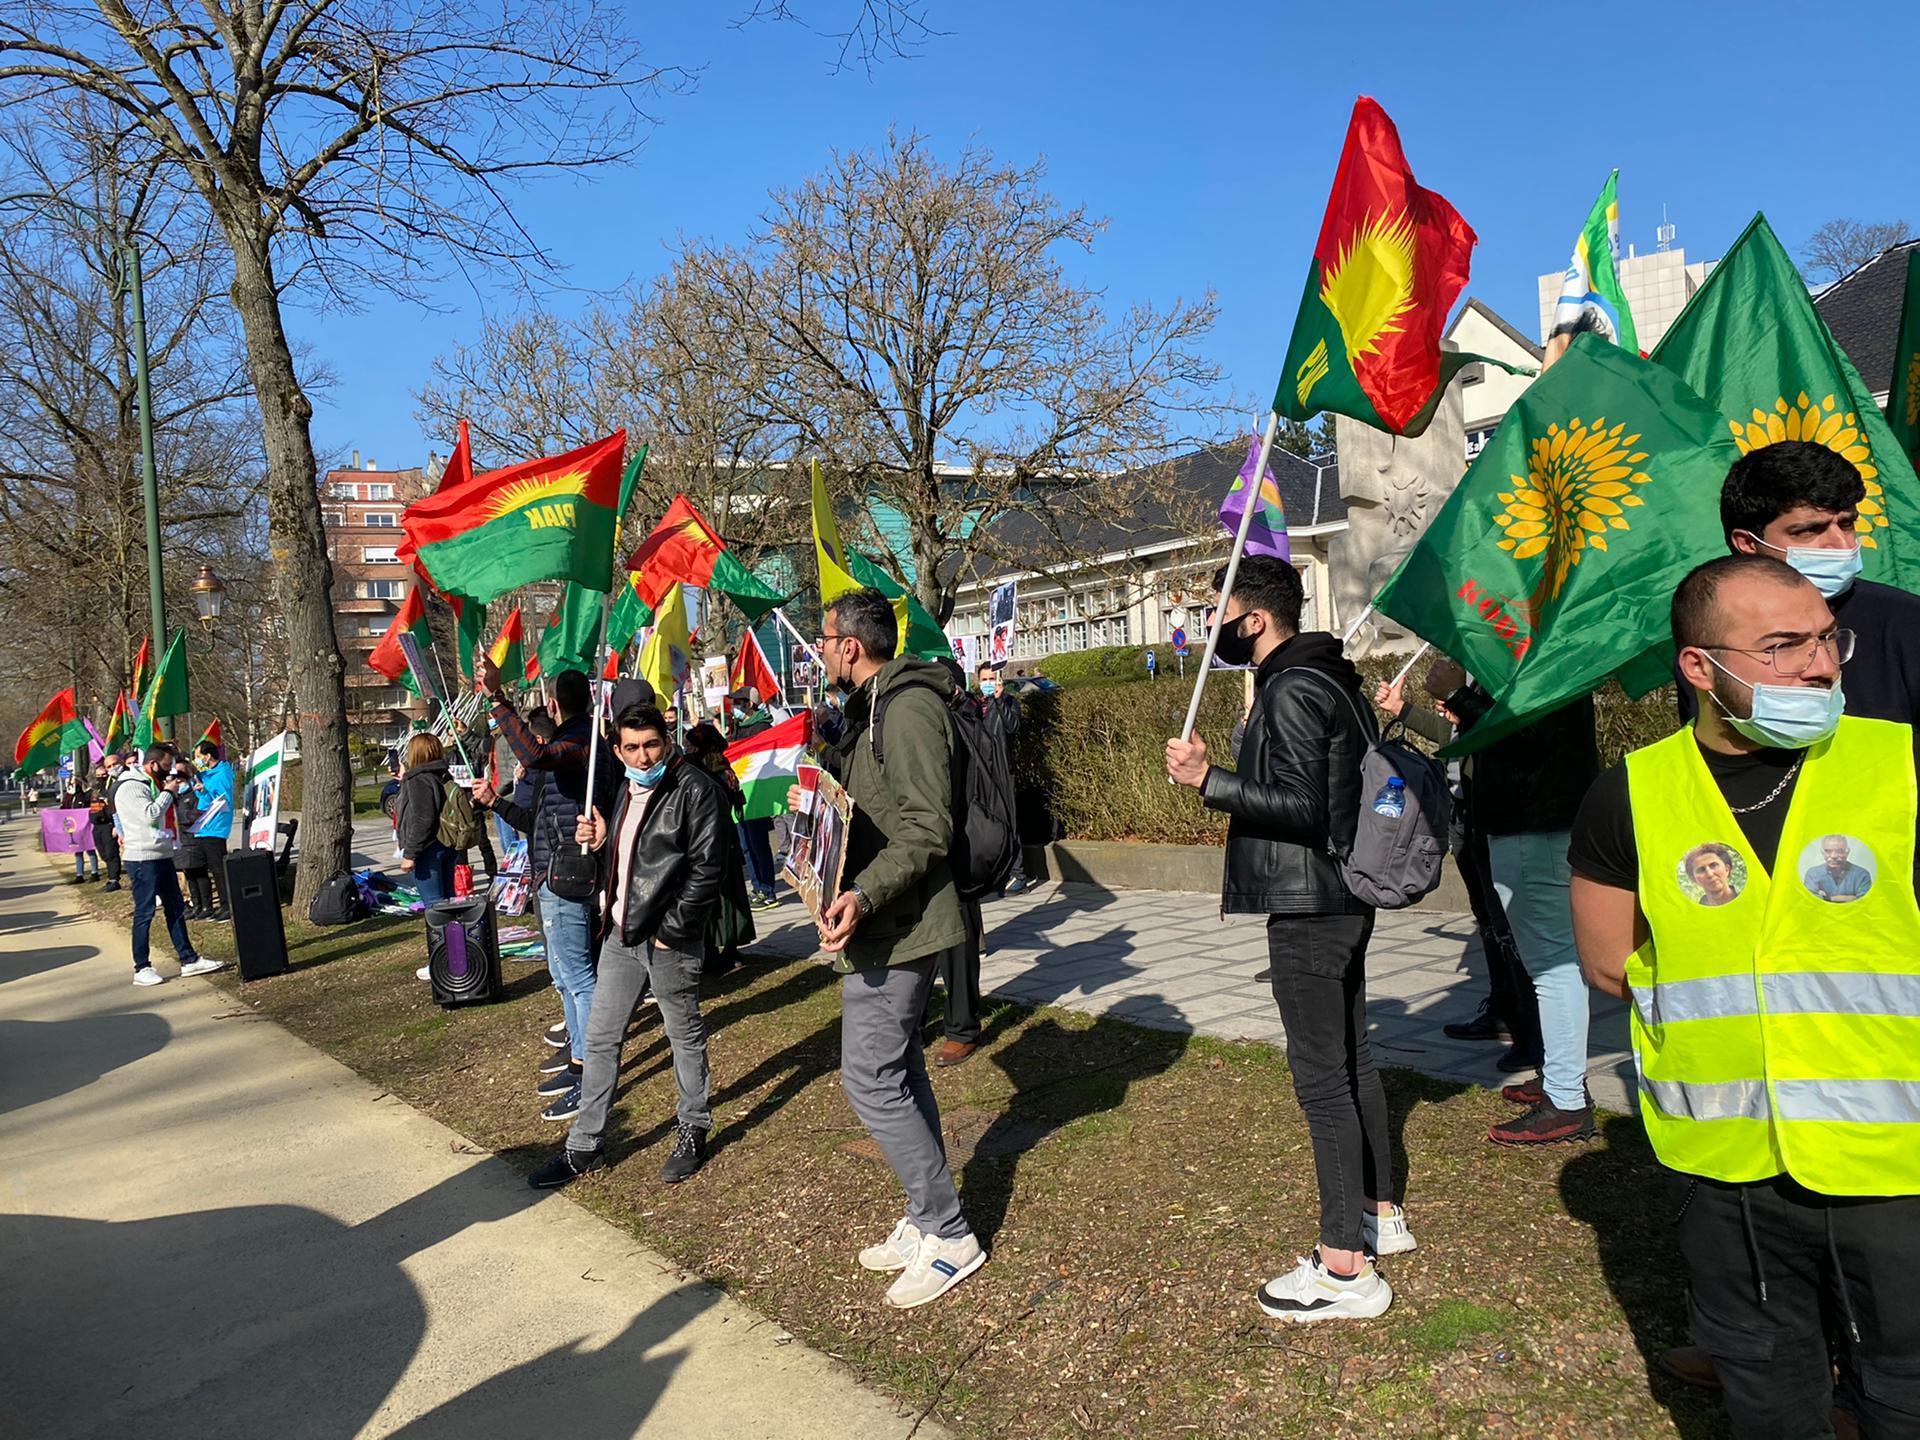 در بلژیک موج دستگیریهای کردستان و کشتار وحشیانهی سوختبران بلوچ محکوم گردید